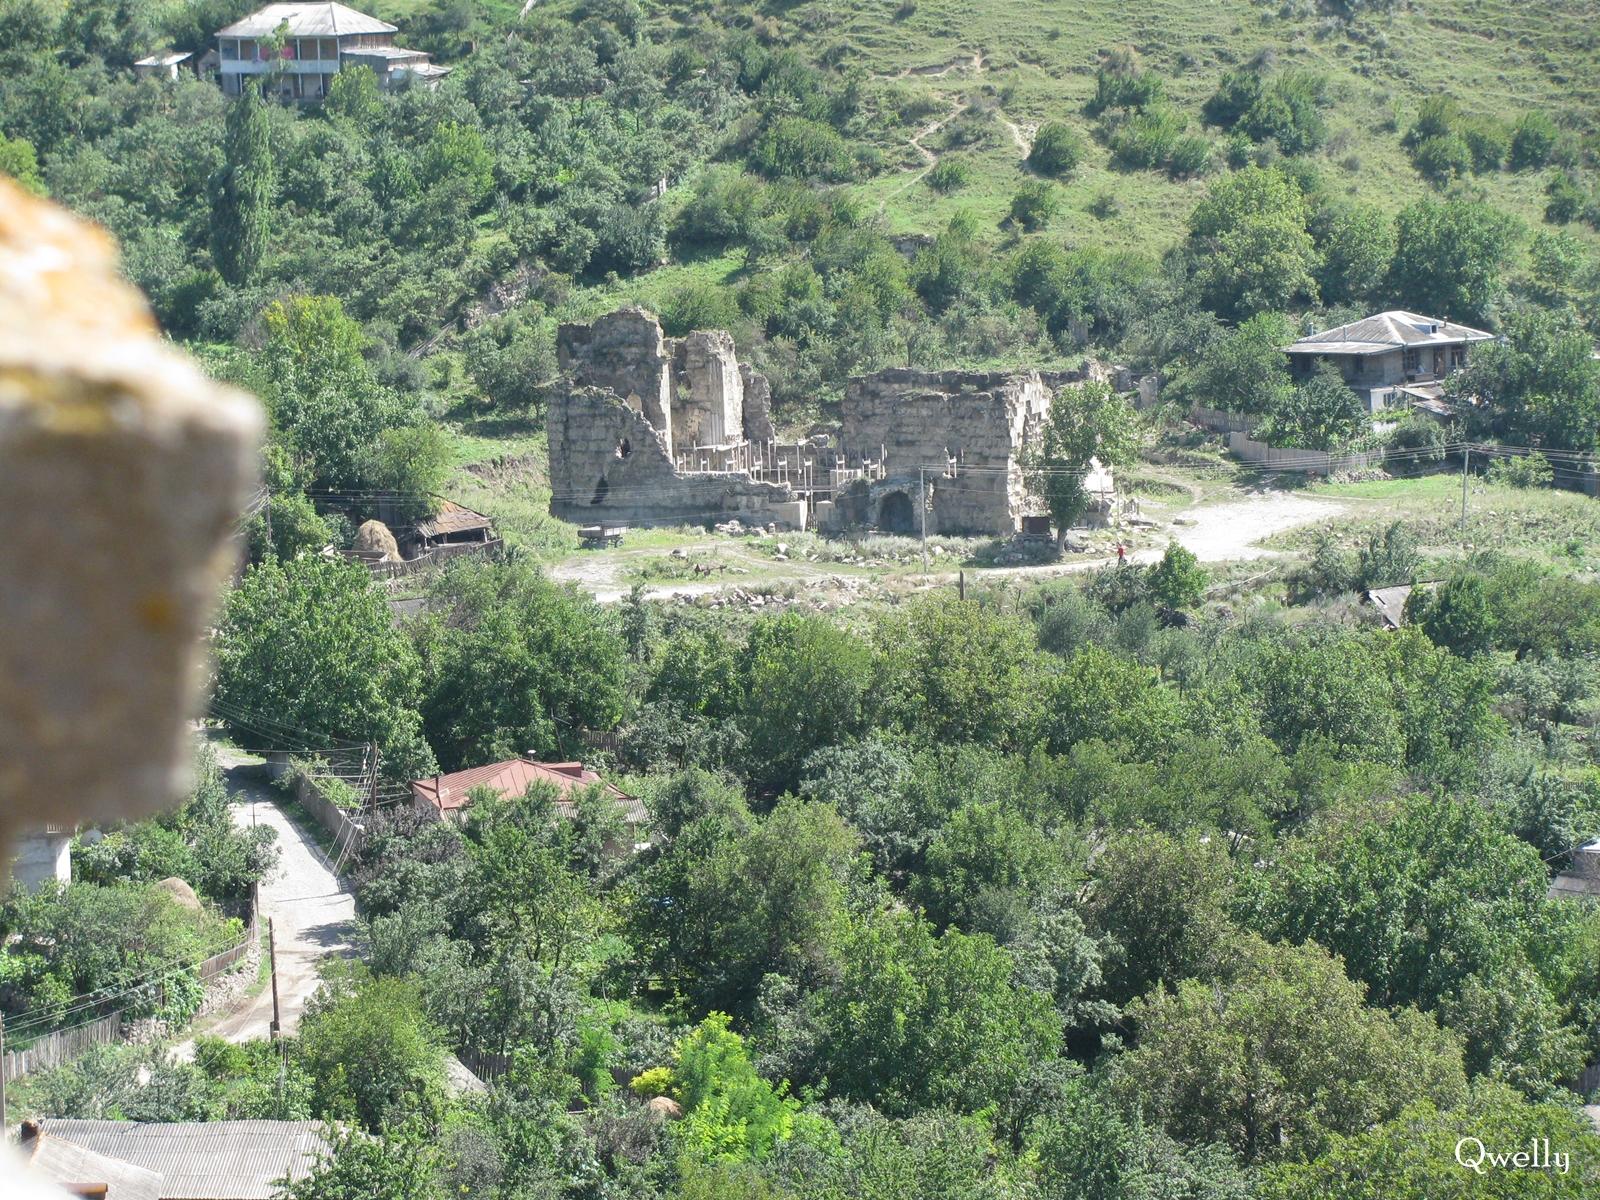 აწყურის ღმრთისმშობლის ტაძარი ციხიდან, awyuris gmrtismshoblis saxelobis eklesia, blogi, giorgi maisuradzis blogi, qwelly, awyuri, gmrtismshobeli, xati, eklesia, awyuris cixe, castle, virgin icon, church, temple, აწყურის ღმრთისმშობლის სახელობის ტაძარი, ნანგრევები, აწყური, ციხე, აწყურის ციხე, აწყურის ღმრთისმშობელი, ღმრთისმშობლის ხატი, ციხესიმაგრე, ტაძარი, ტაძრის ნანგრევები, გიორგი მაისურაძის ბლოგი, ქველი